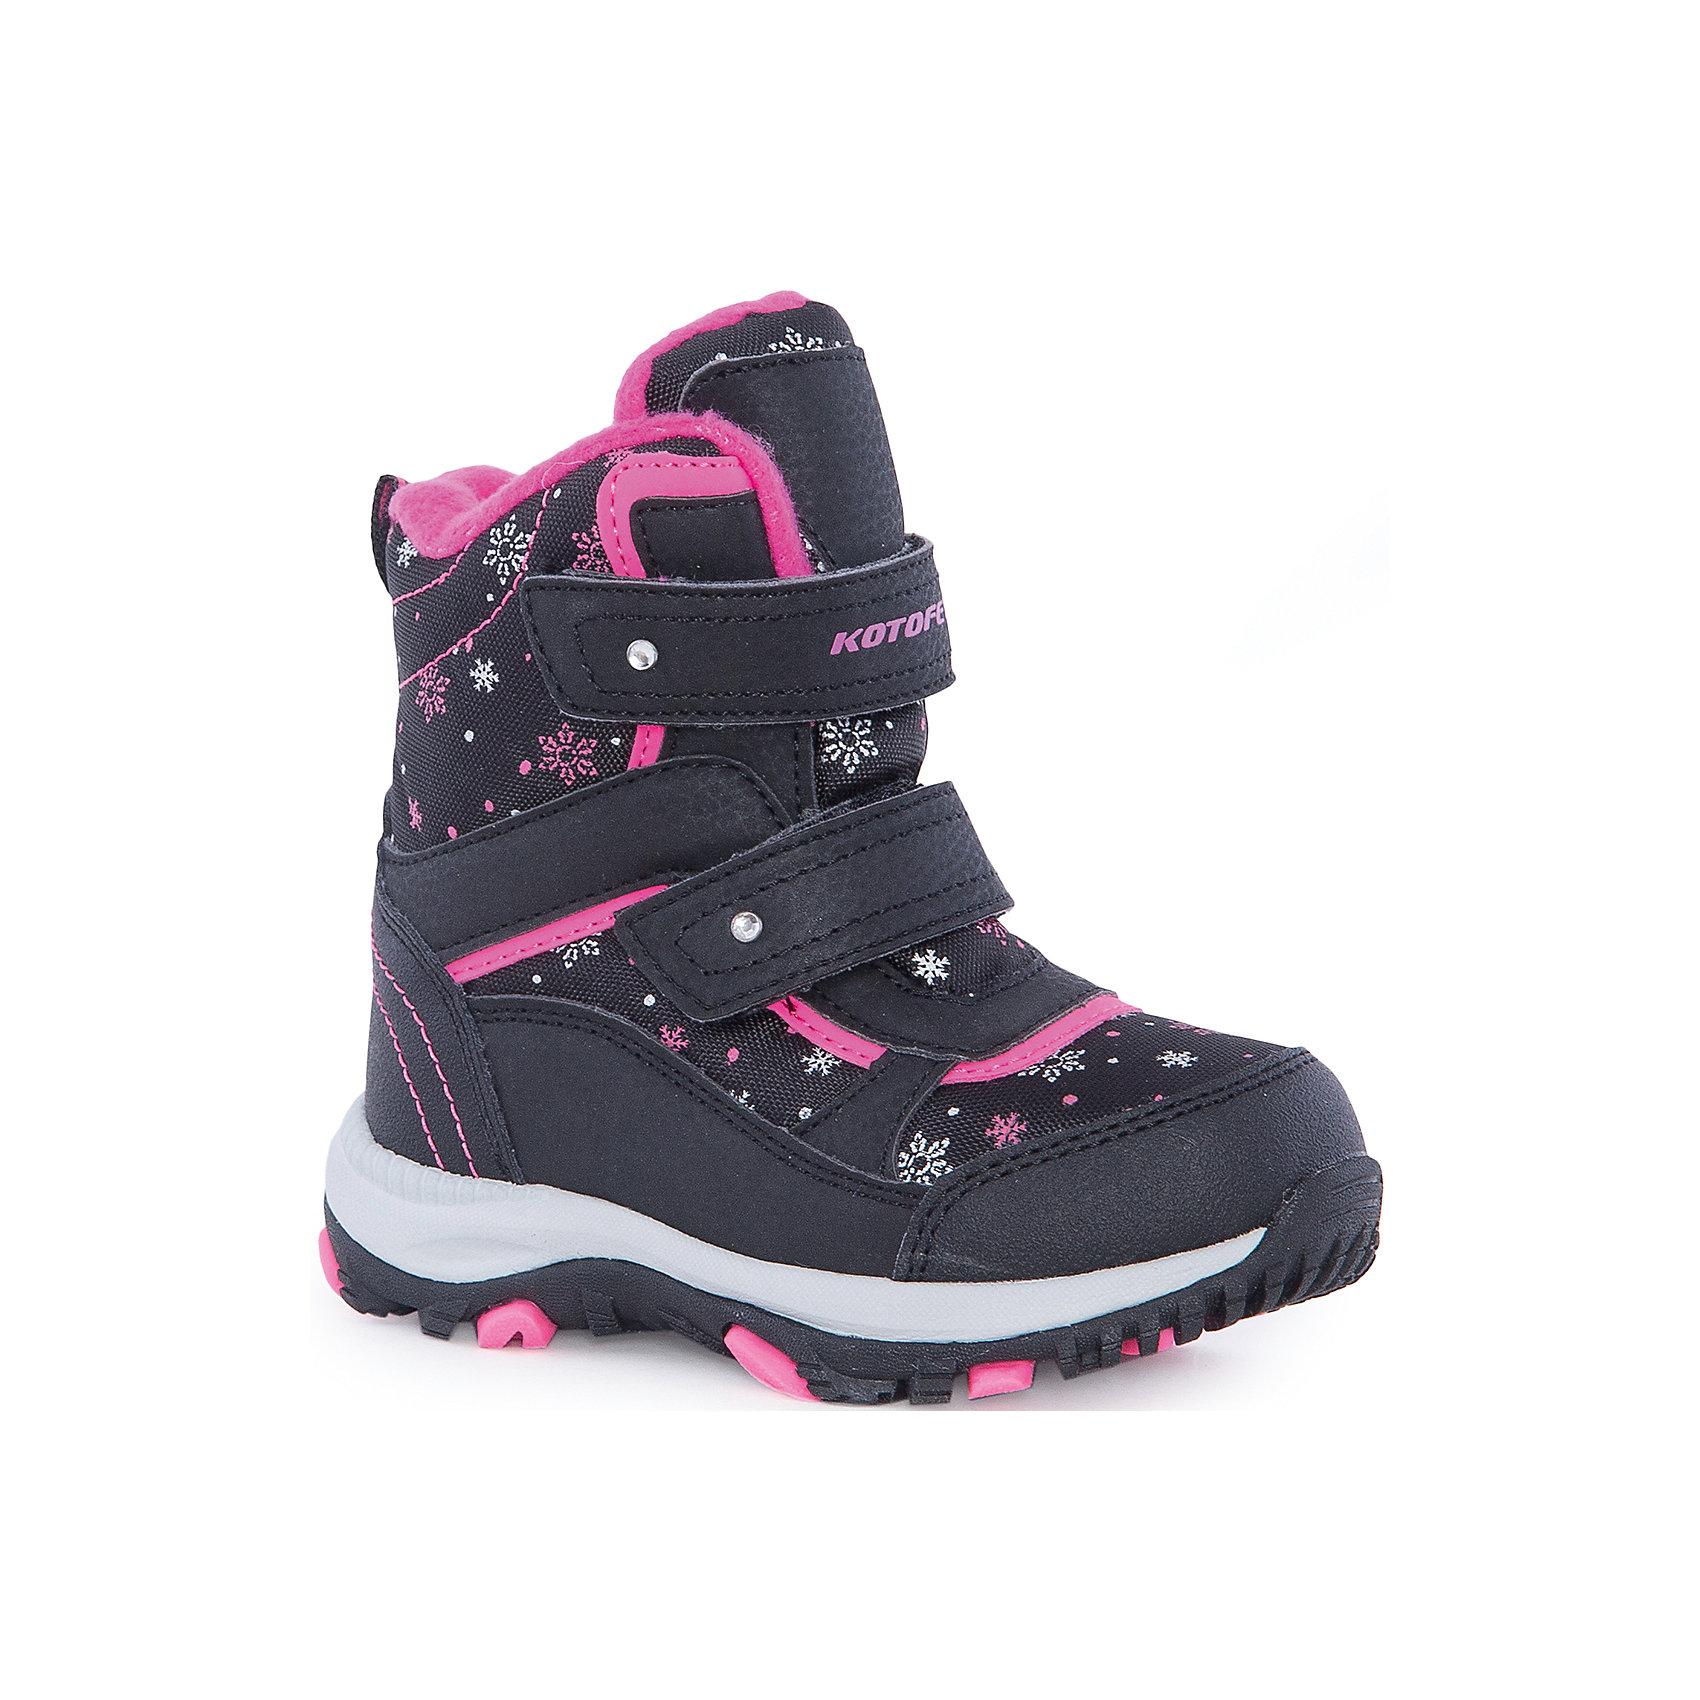 Ботинки  для девочки КотофейБотинки<br>Ботинки  для девочки Котофей.<br><br>Характеристики:<br><br>- Внешний материал: искусственная кожа, текстиль<br>- Внутренний материал: мех шерстяной<br>- Стелька: войлок<br>- Подошва: филон, ТЭП<br>- Тип застежки: липучки<br>- Вид крепления обуви: клеевой<br>- Цвет: черный, фуксия<br>- Сезон: зима<br>- Температурный режим: от +5 до -15 градусов<br>- Пол: для девочек<br><br>Ботинки торговой марки Котофей понравится абсолютно всем девочкам! Они особенно хороши для активных прогулок. Верх выполнен из влагоотталкивающего текстиля и кожи. Подкладка - из натуральной шерсти, имеется дополнительная стелька из войлока, поэтому ножке в такой обуви тепло и уютно. Между материалами верха и подклада вшит специальный мембранный материал, отталкивающий влагу, но позволяющий ногам дышать. Мыс защищен. Гибкая, широкая, клеевая подошва с рельефным протектором обеспечит превосходное сцепление с поверхностью. Снижение ударной нагрузки и повышенную устойчивость обеспечивает в подошве слой из материала филон, который часто используется в спортивной обуви. Вторая часть подошвы из термоэластопласта (ТЭП)  – пластичного материала, отлично амортизирующего при шаге, не теряющего своих свойств при понижении температур, предотвращающего скольжение. Два ремня с липучкой позволяют не только быстро обувать и снимать ботинки, но и обеспечивают плотное прилегание обуви к стопе. Детская обувь «Котофей» качественна, красива, добротна, комфортна и долговечна. Она производится на Егорьевской обувной фабрике. Жесткий контроль производства и постоянное совершенствование технологий при многолетнем опыте позволяют считать компанию одним из лидеров среди отечественных производителей детской обуви.<br><br>Ботинки  для девочки Котофей можно купить в нашем интернет-магазине.<br><br>Ширина мм: 262<br>Глубина мм: 176<br>Высота мм: 97<br>Вес г: 427<br>Цвет: разноцветный<br>Возраст от месяцев: 36<br>Возраст до месяцев: 48<br>Пол: Женский<br>Возраст: Детский<br>Размер: 27,30,26